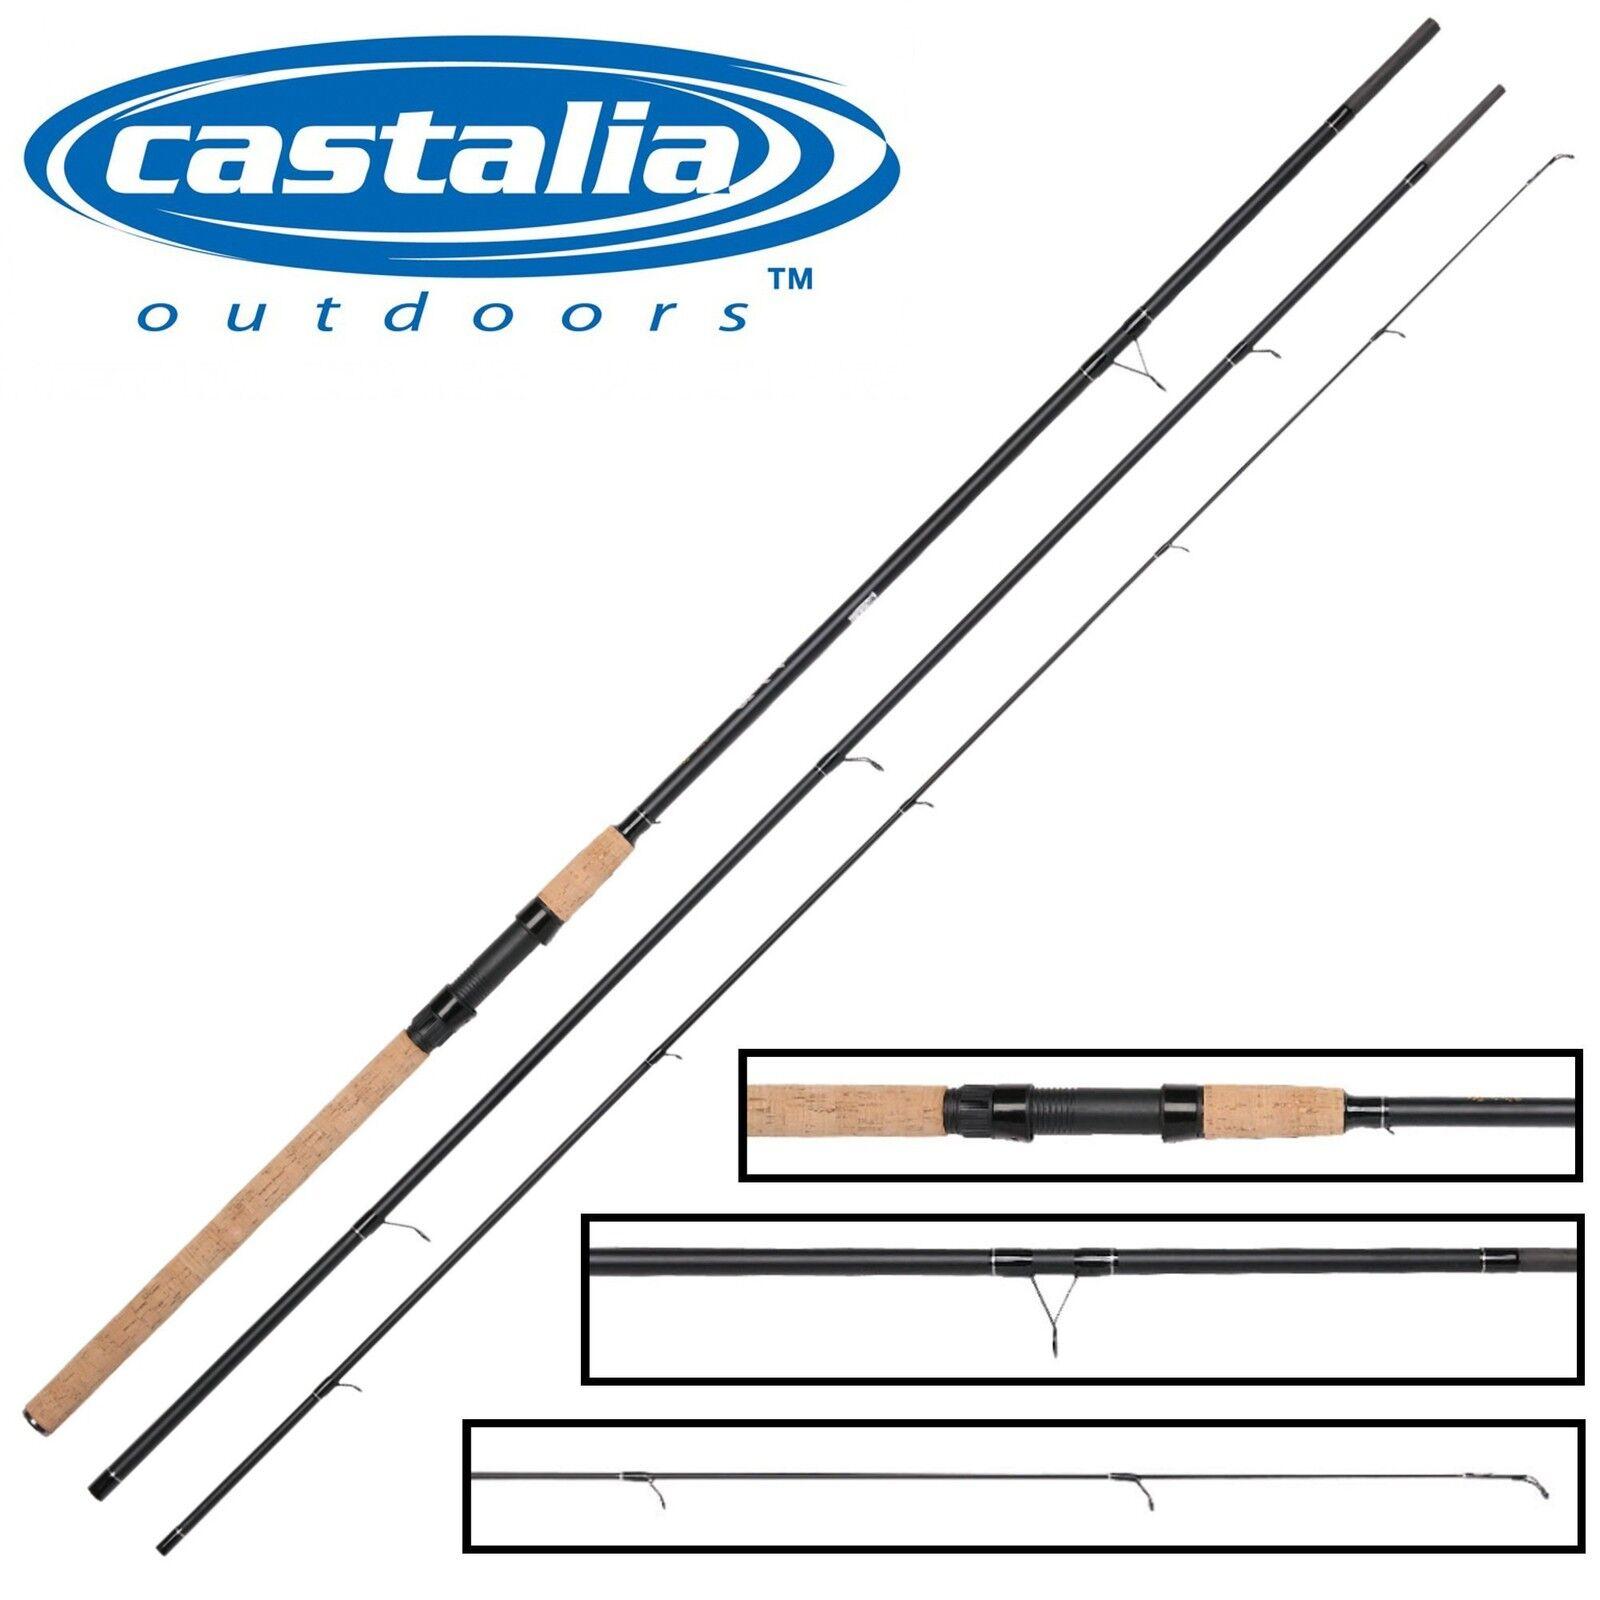 Castalia Match 420cm 5-25g, Matchrute für Brasse, Schleie und Forelle, Forelle, Forelle, Angelrute 41ae6f